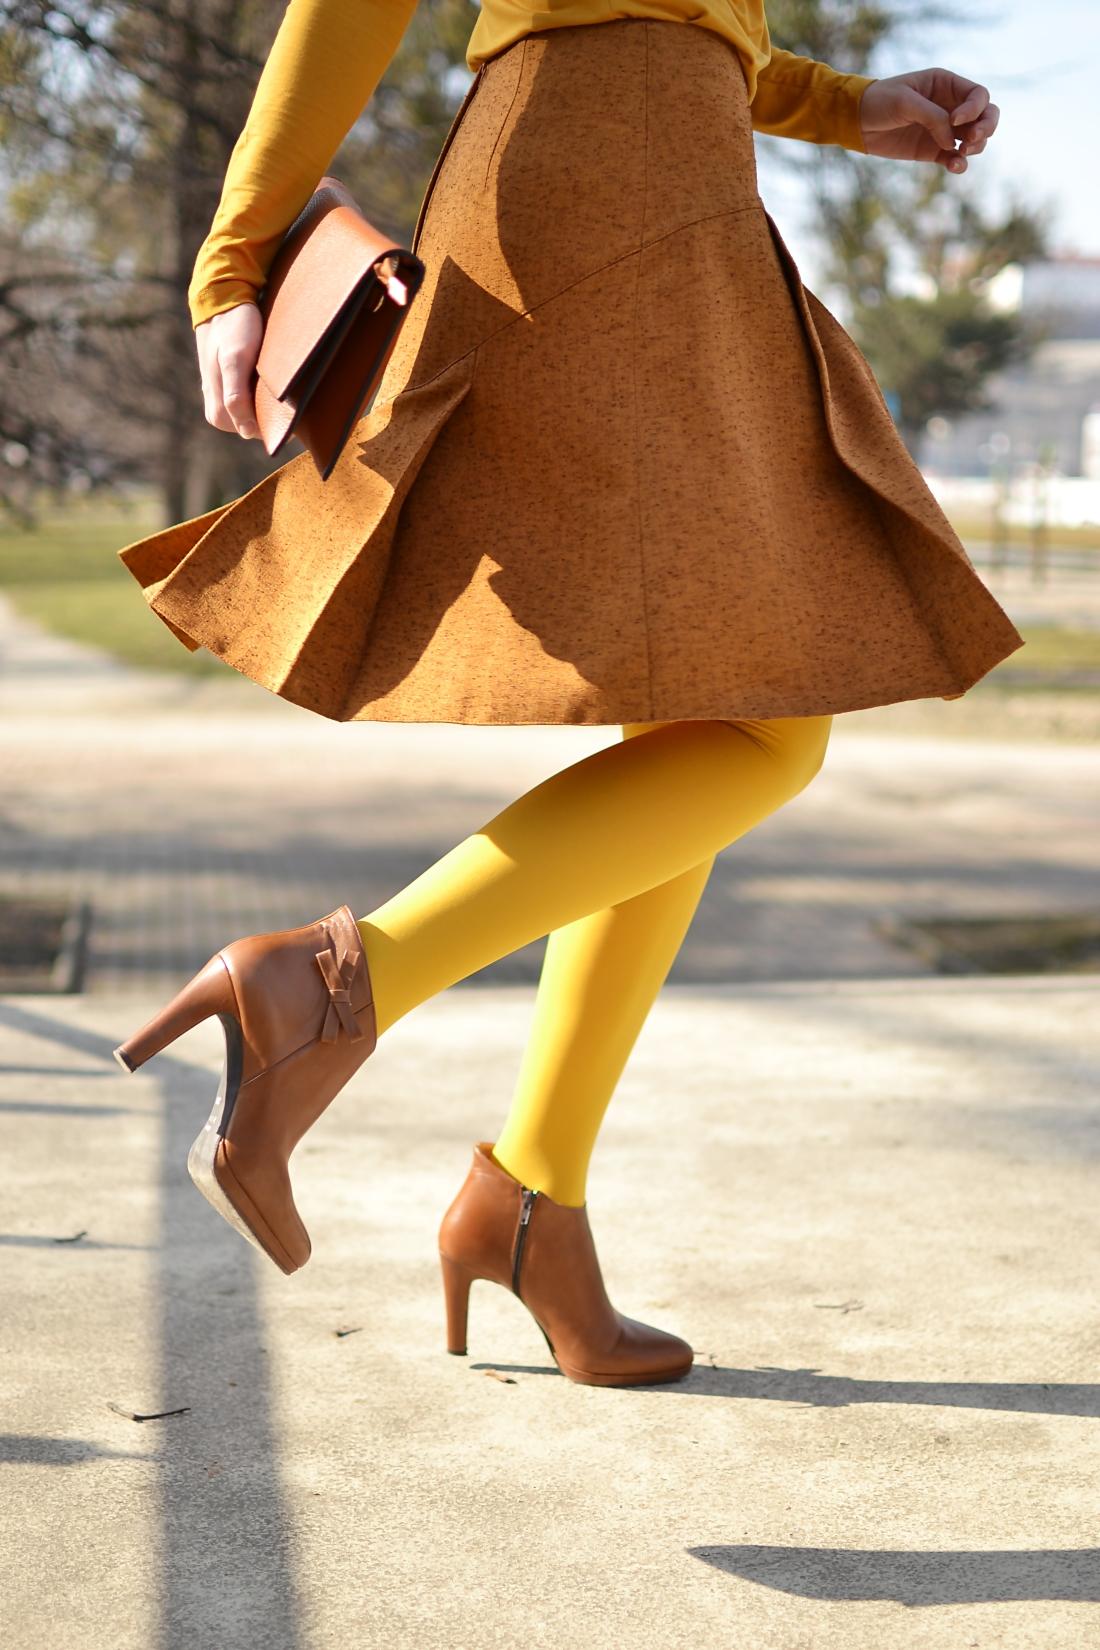 Založené 2014_Katharine-fashion is beautiful_blog 7_Dunajský pivovar_Žlté pančuchy_Hnedý kabát_Koňaková skladaná sukňa_Katarína Jakubčová_Fashion blogger_Outfit